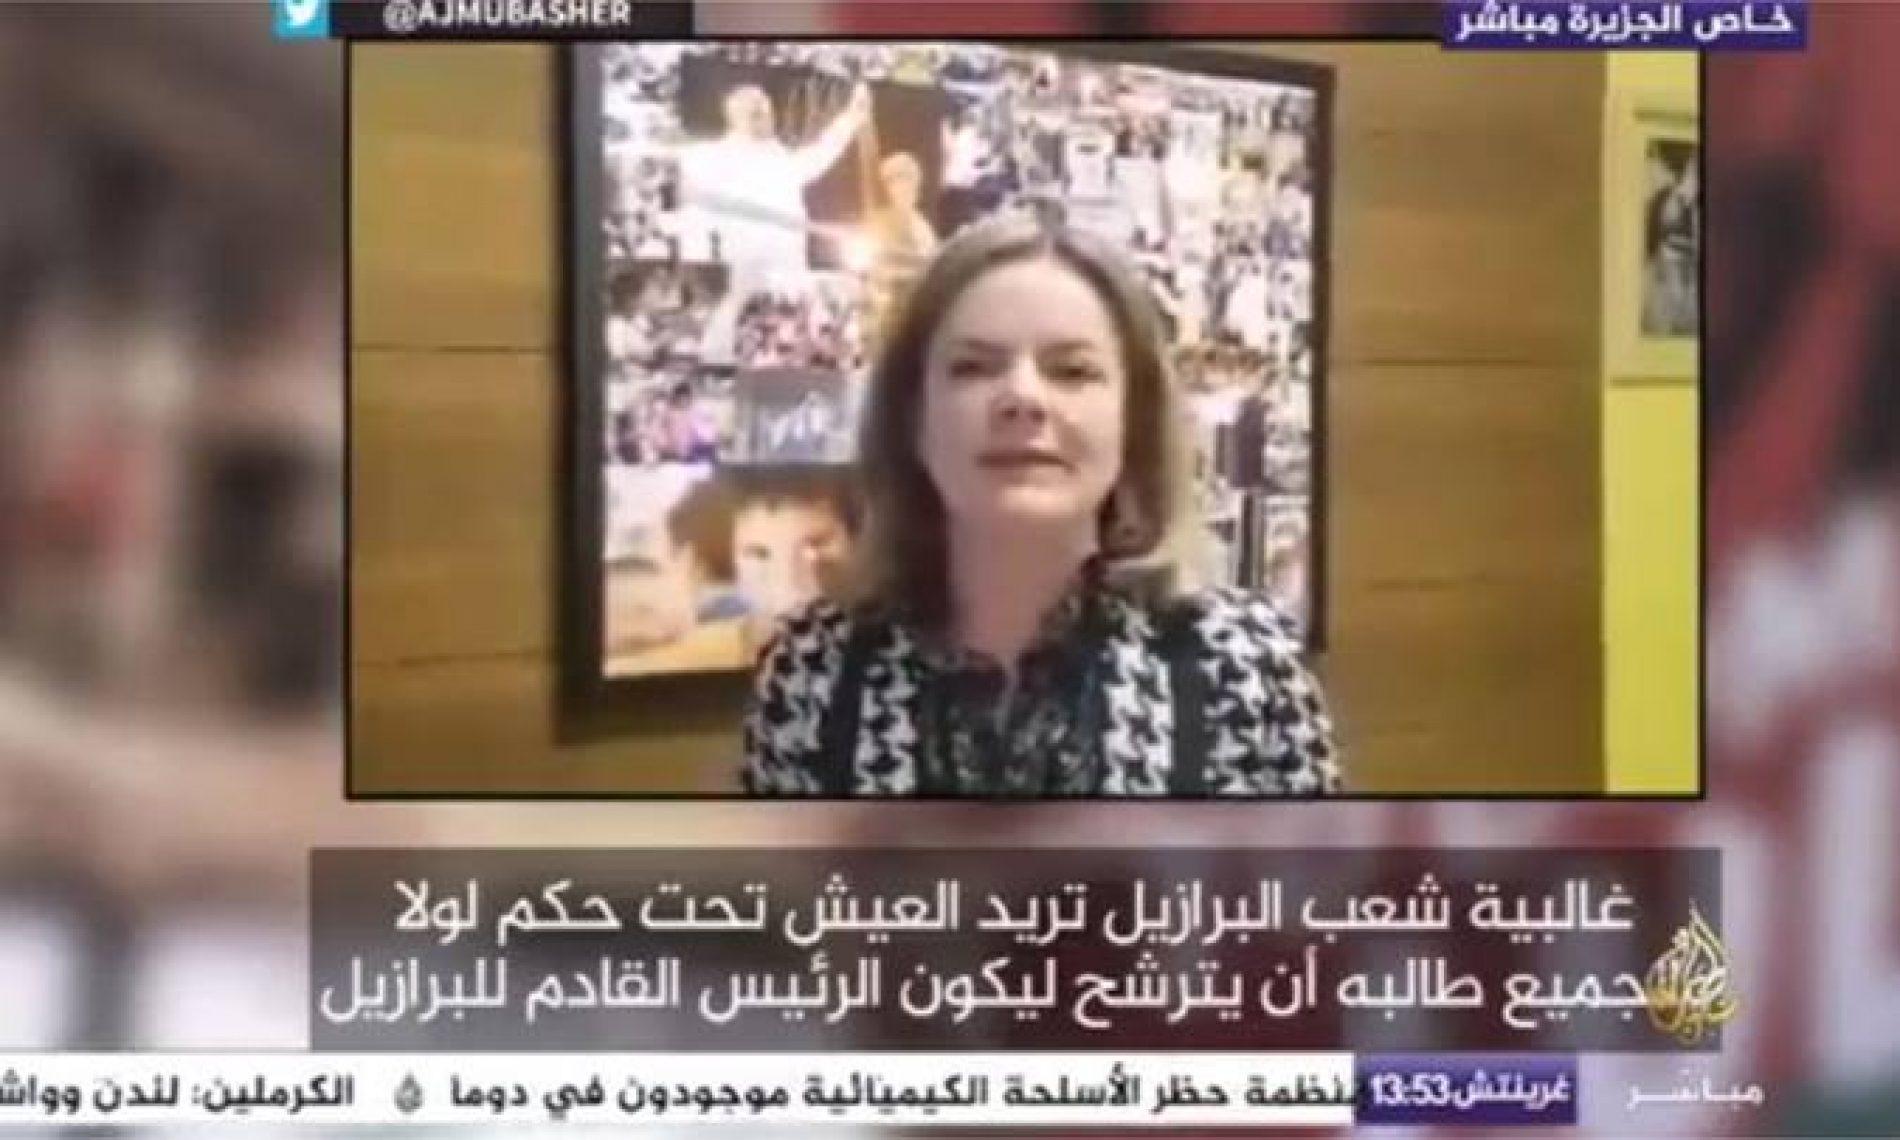 Senadores criticam em plenário comentário de Gleisi à TV Jazeera